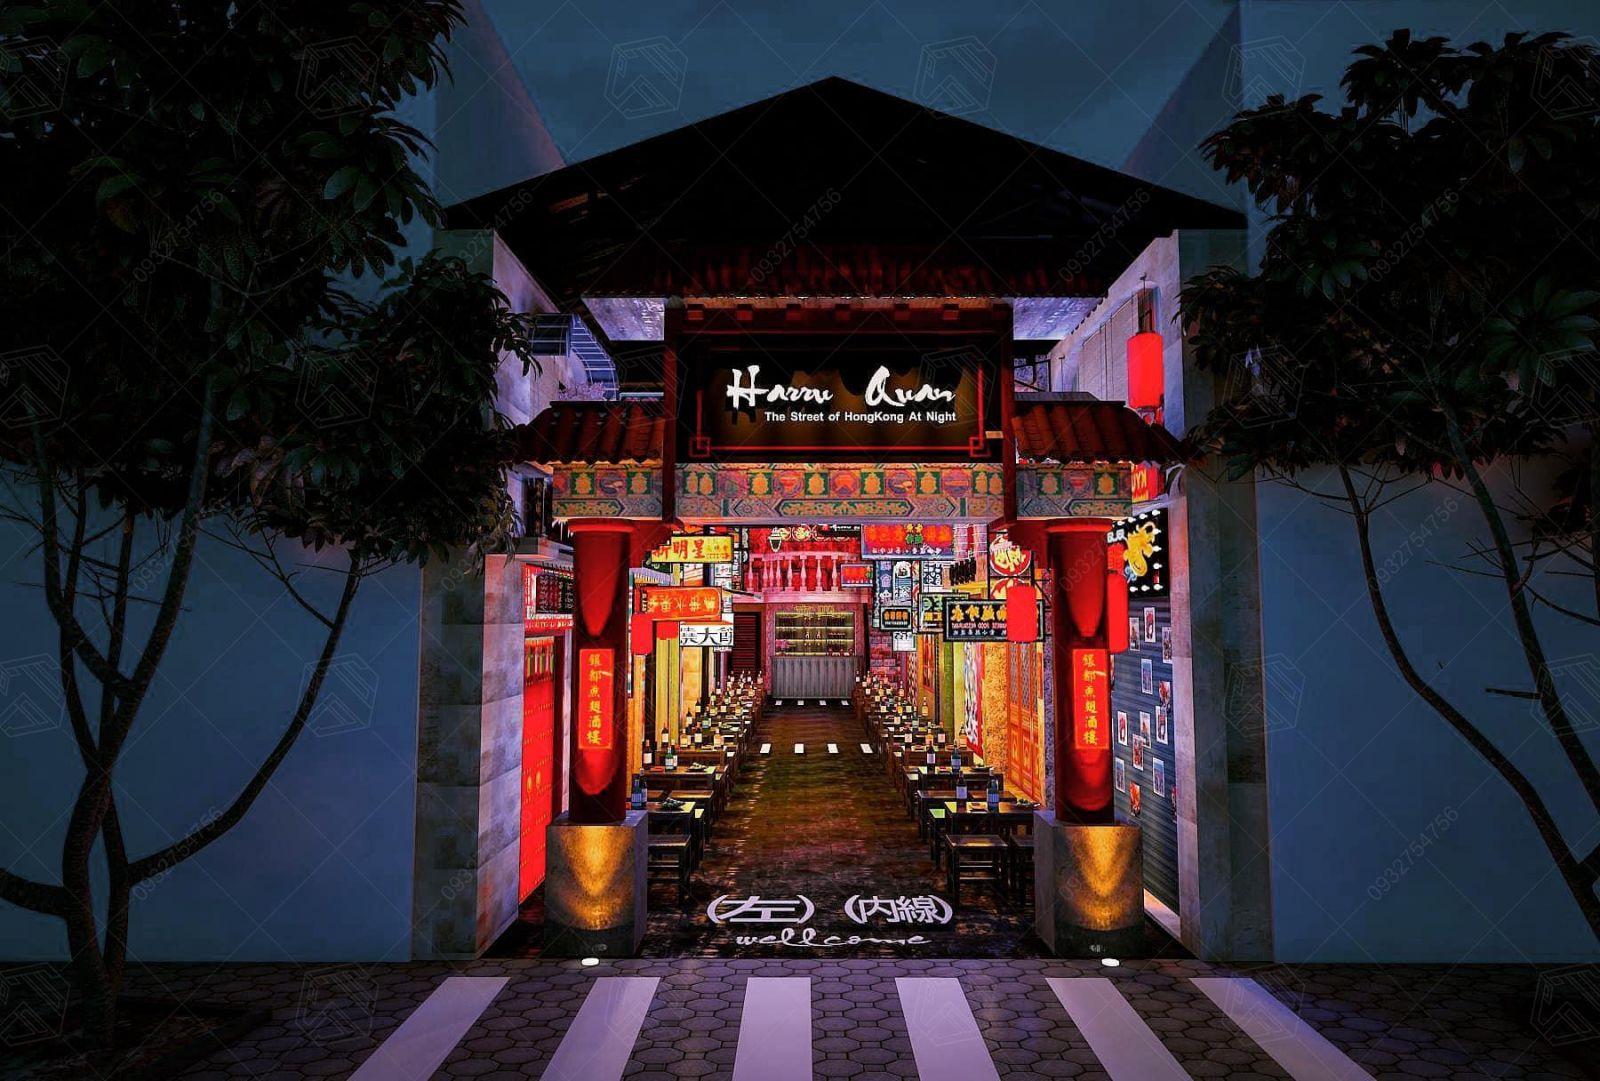 Thiết kế nhà hàng Harru Quan